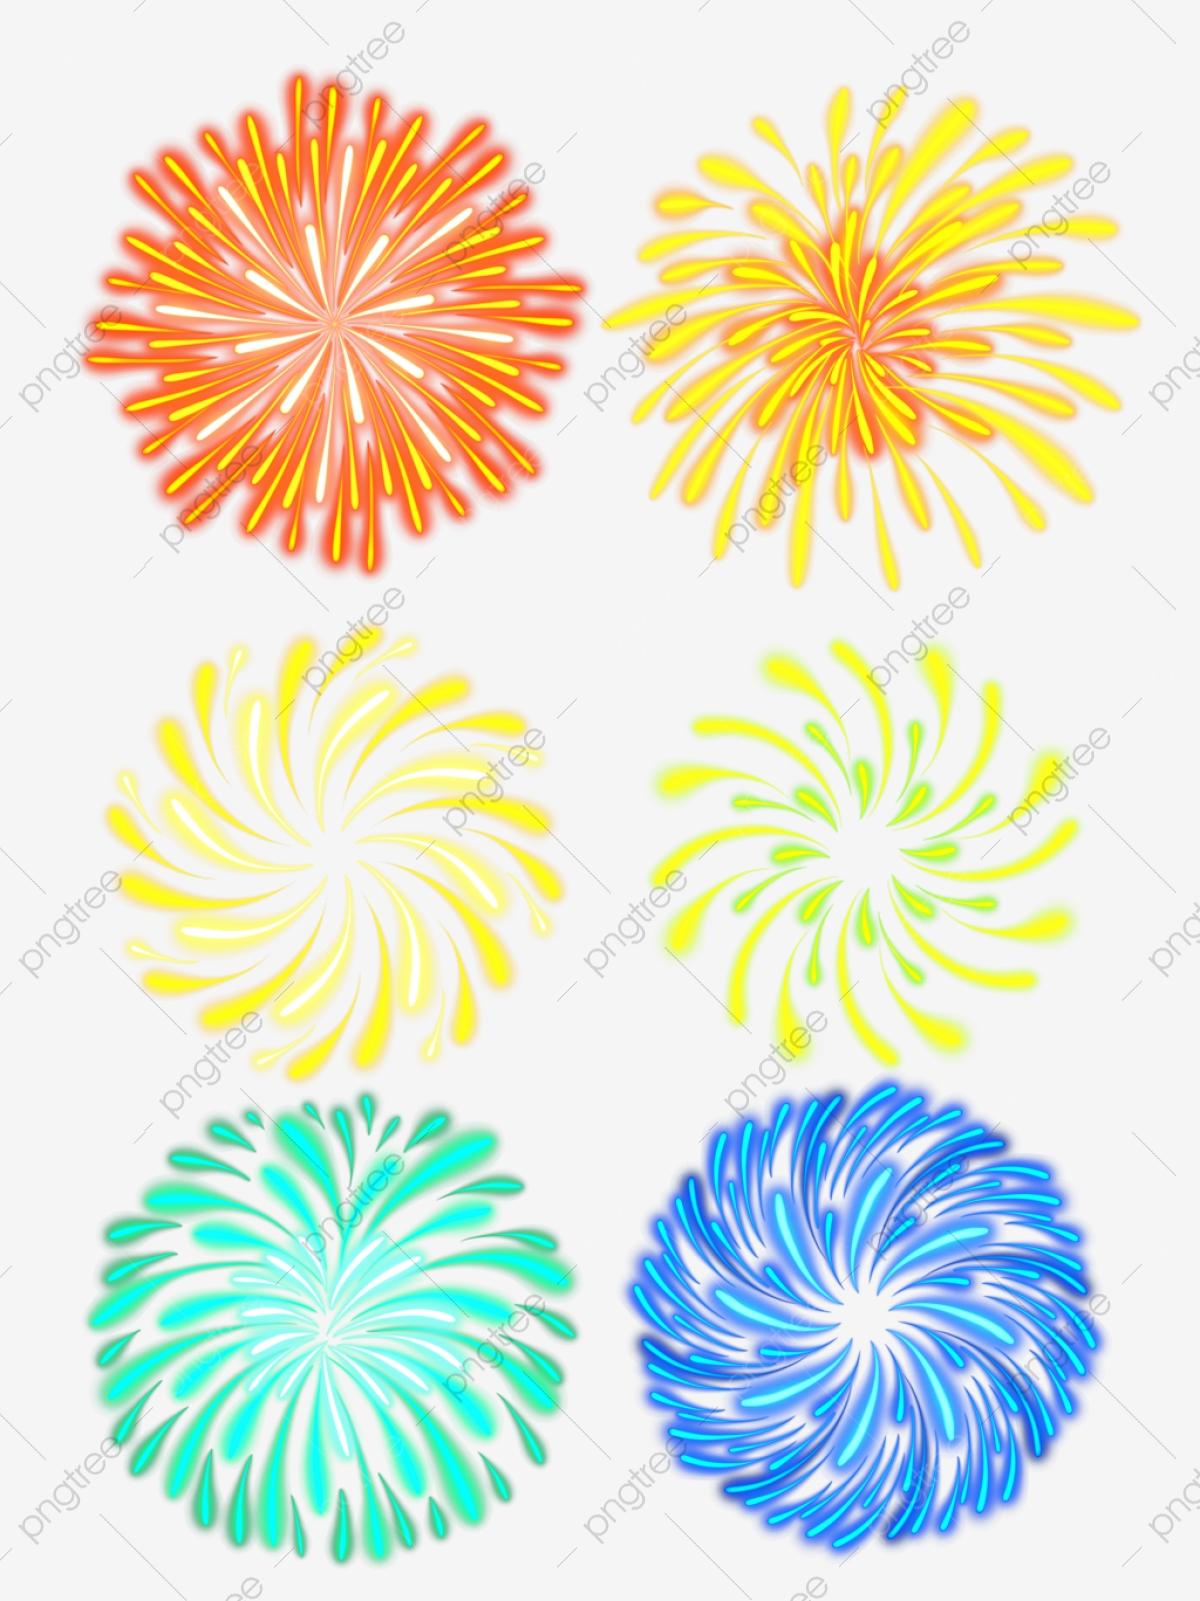 Blaues bunte feuerwerk Illustrationen und Stock Art. 4.848 Blaues bunte  feuerwerk Illustrationen und Vektor EPS Clipart Grafiken von tausenden  Designern Lizenzfreier Stock Clip Art zur Auswahl.